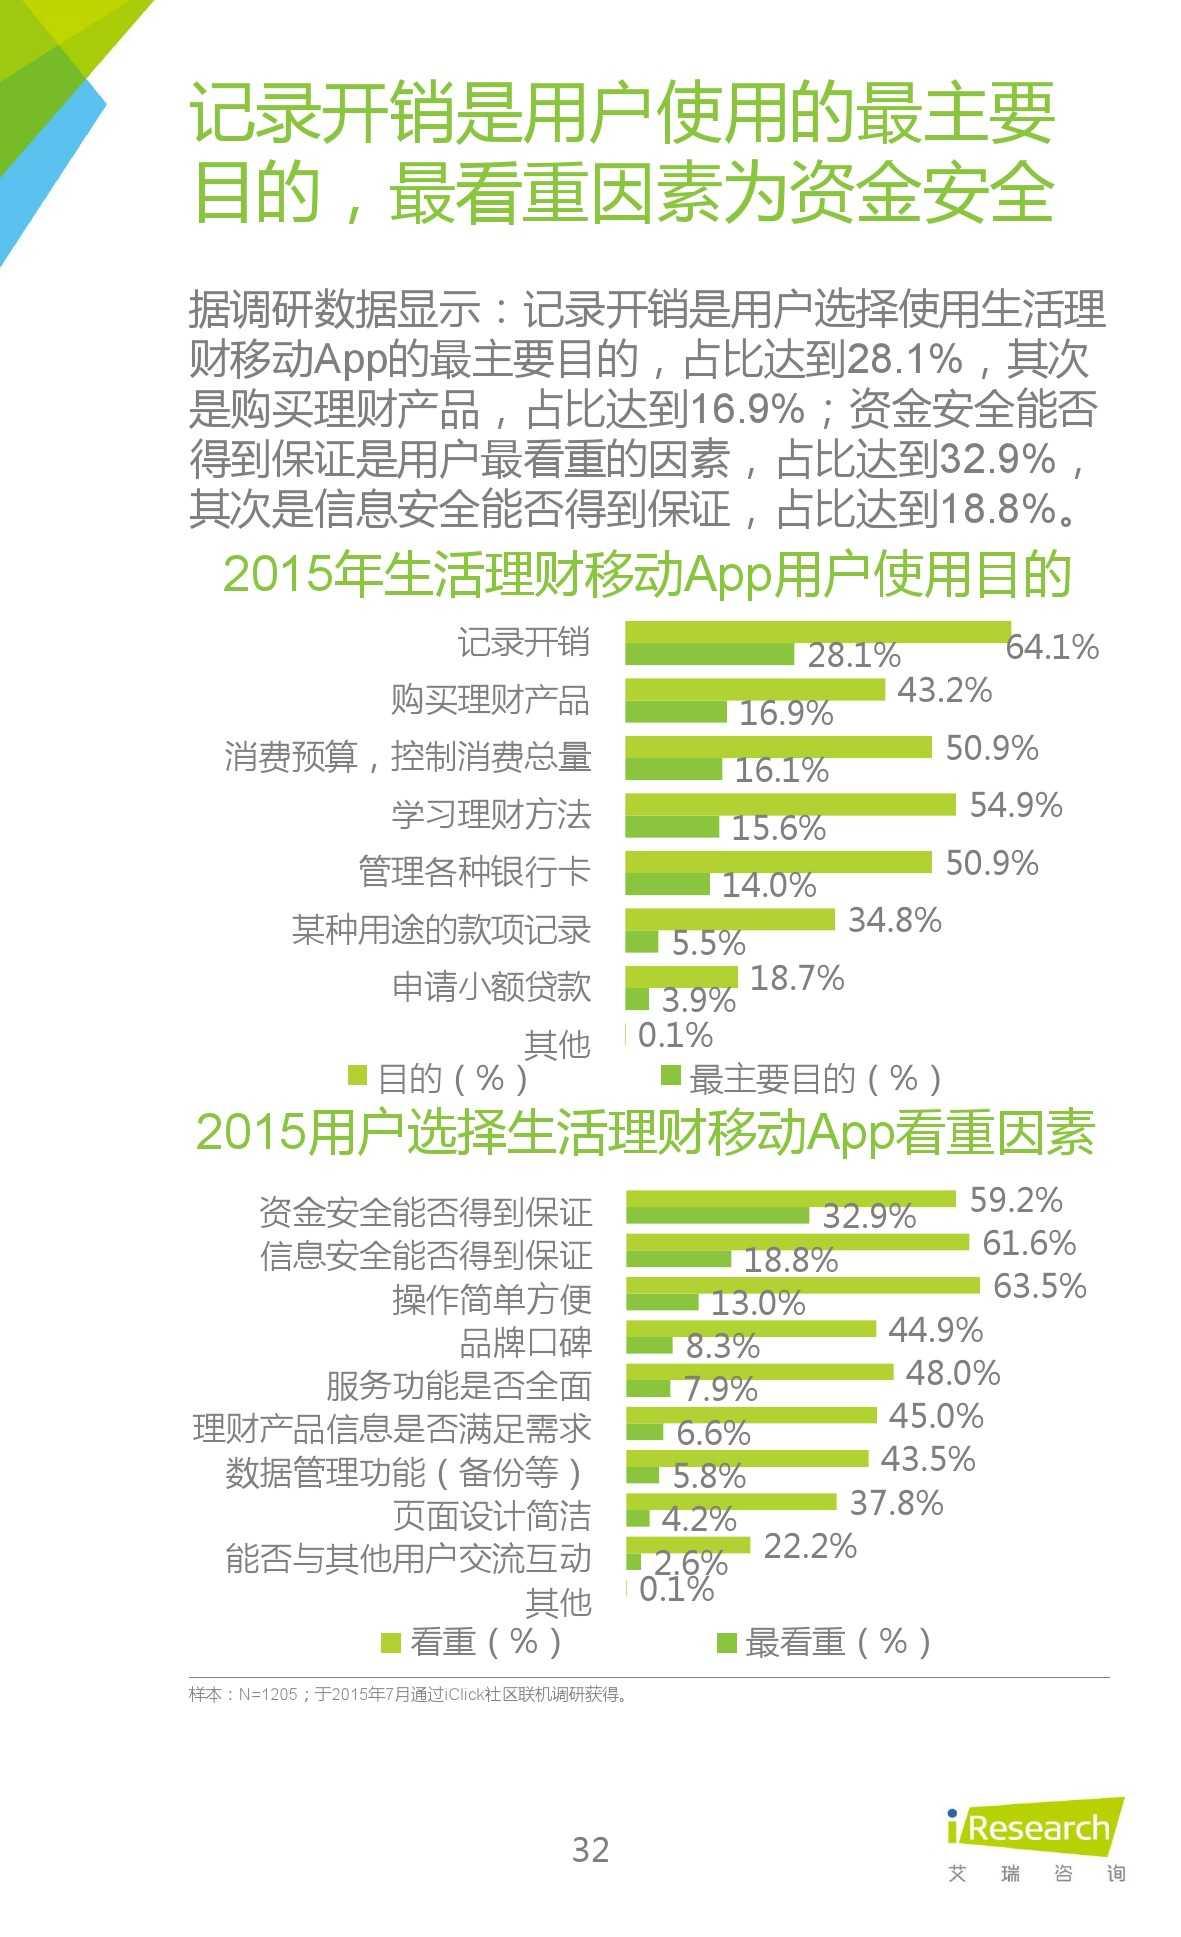 2015年中国生活理财移动App行业研究报告_000032